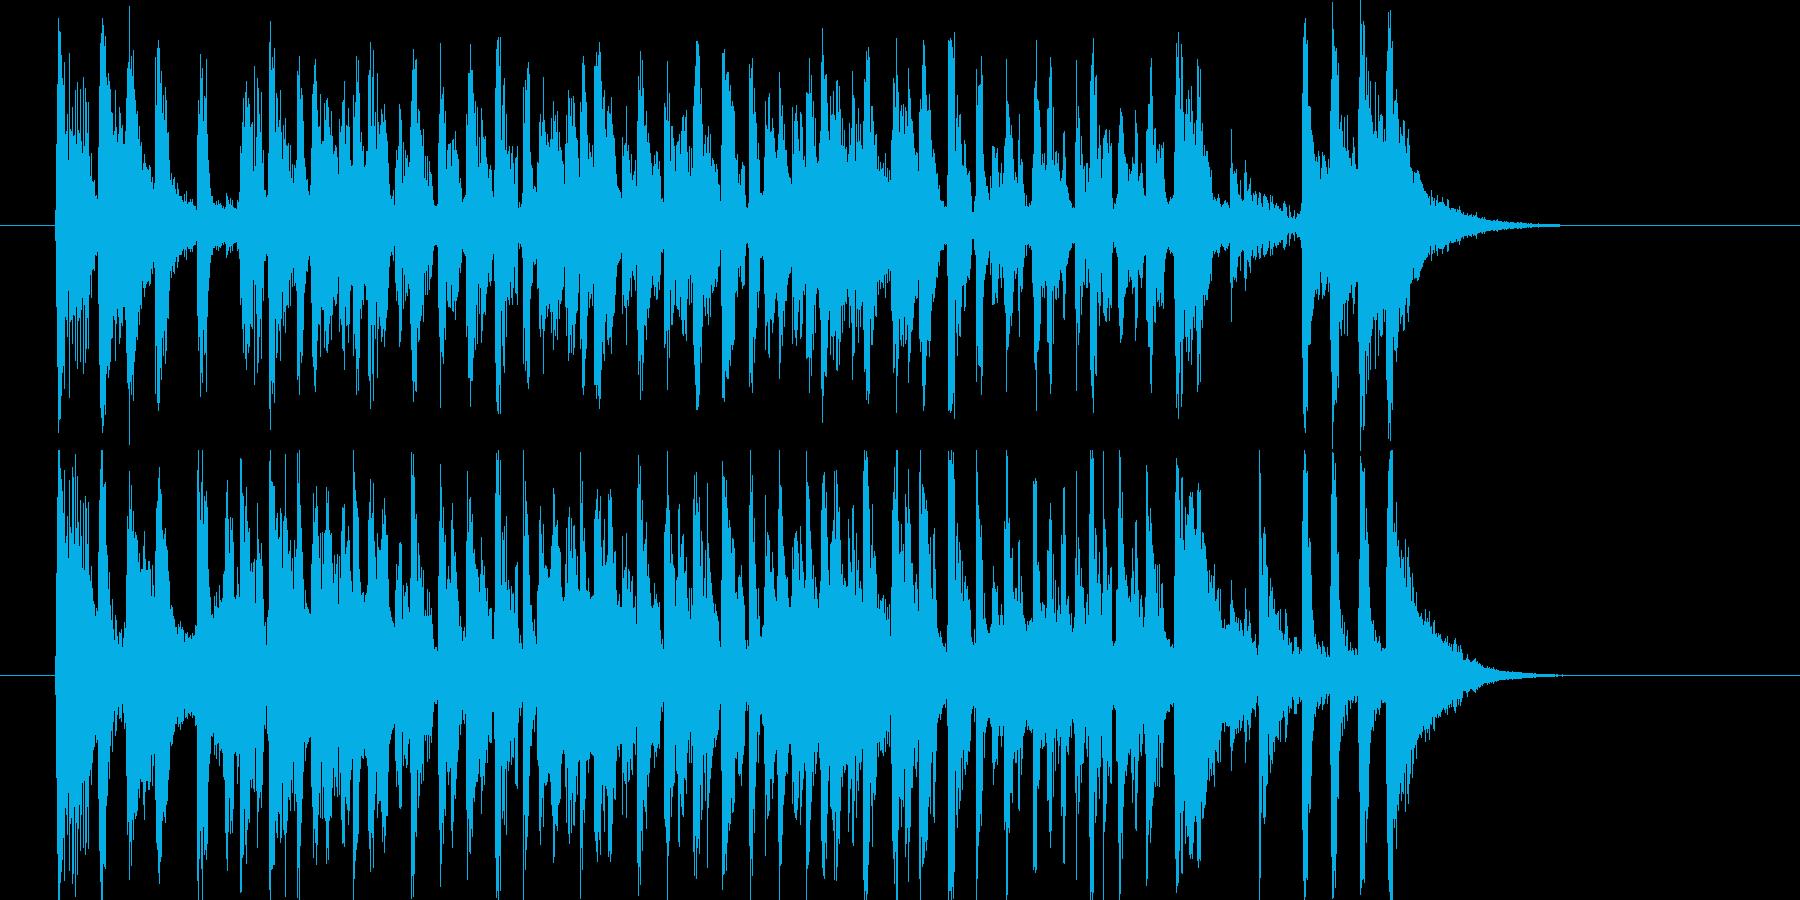 リズミカルでラテン系トランペットジングルの再生済みの波形